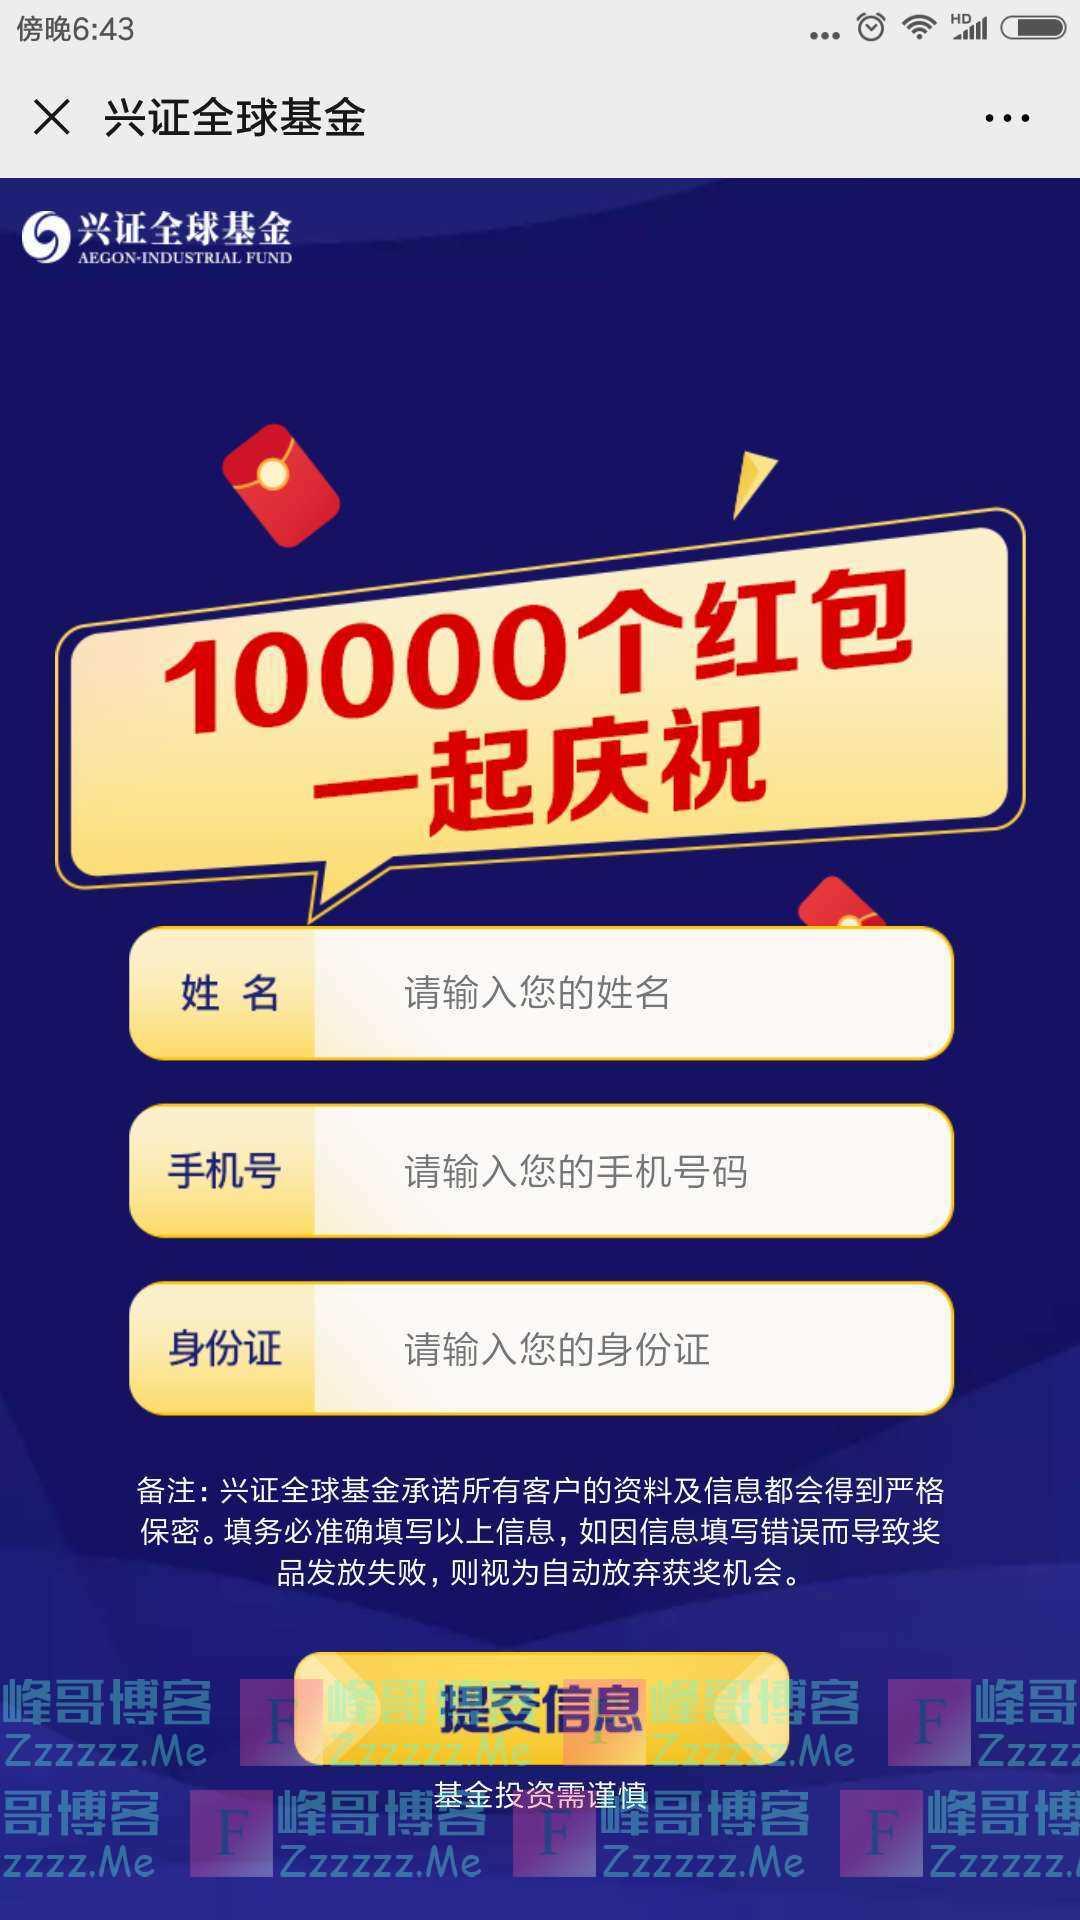 兴全Funds10000个红包告诉你明天买什么(截止不详)